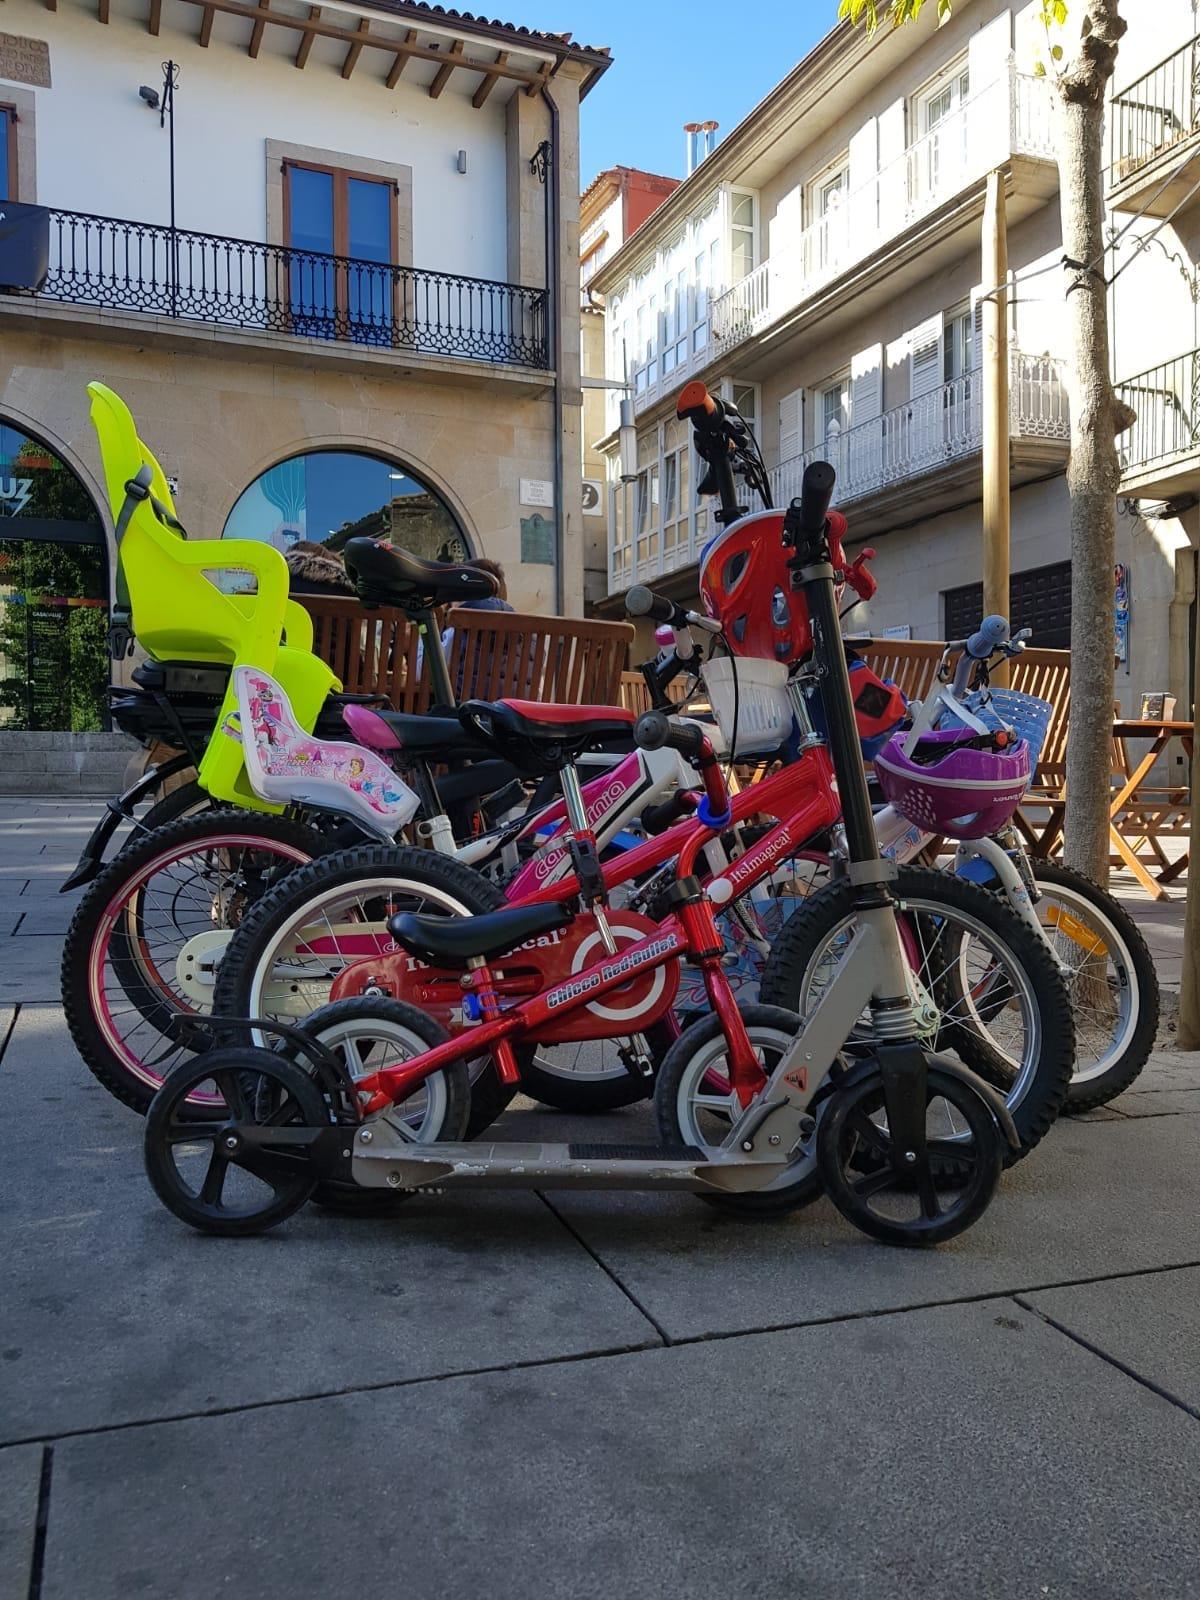 Los Vehículos de Pontevedra - Ángel Ogando Abeledo